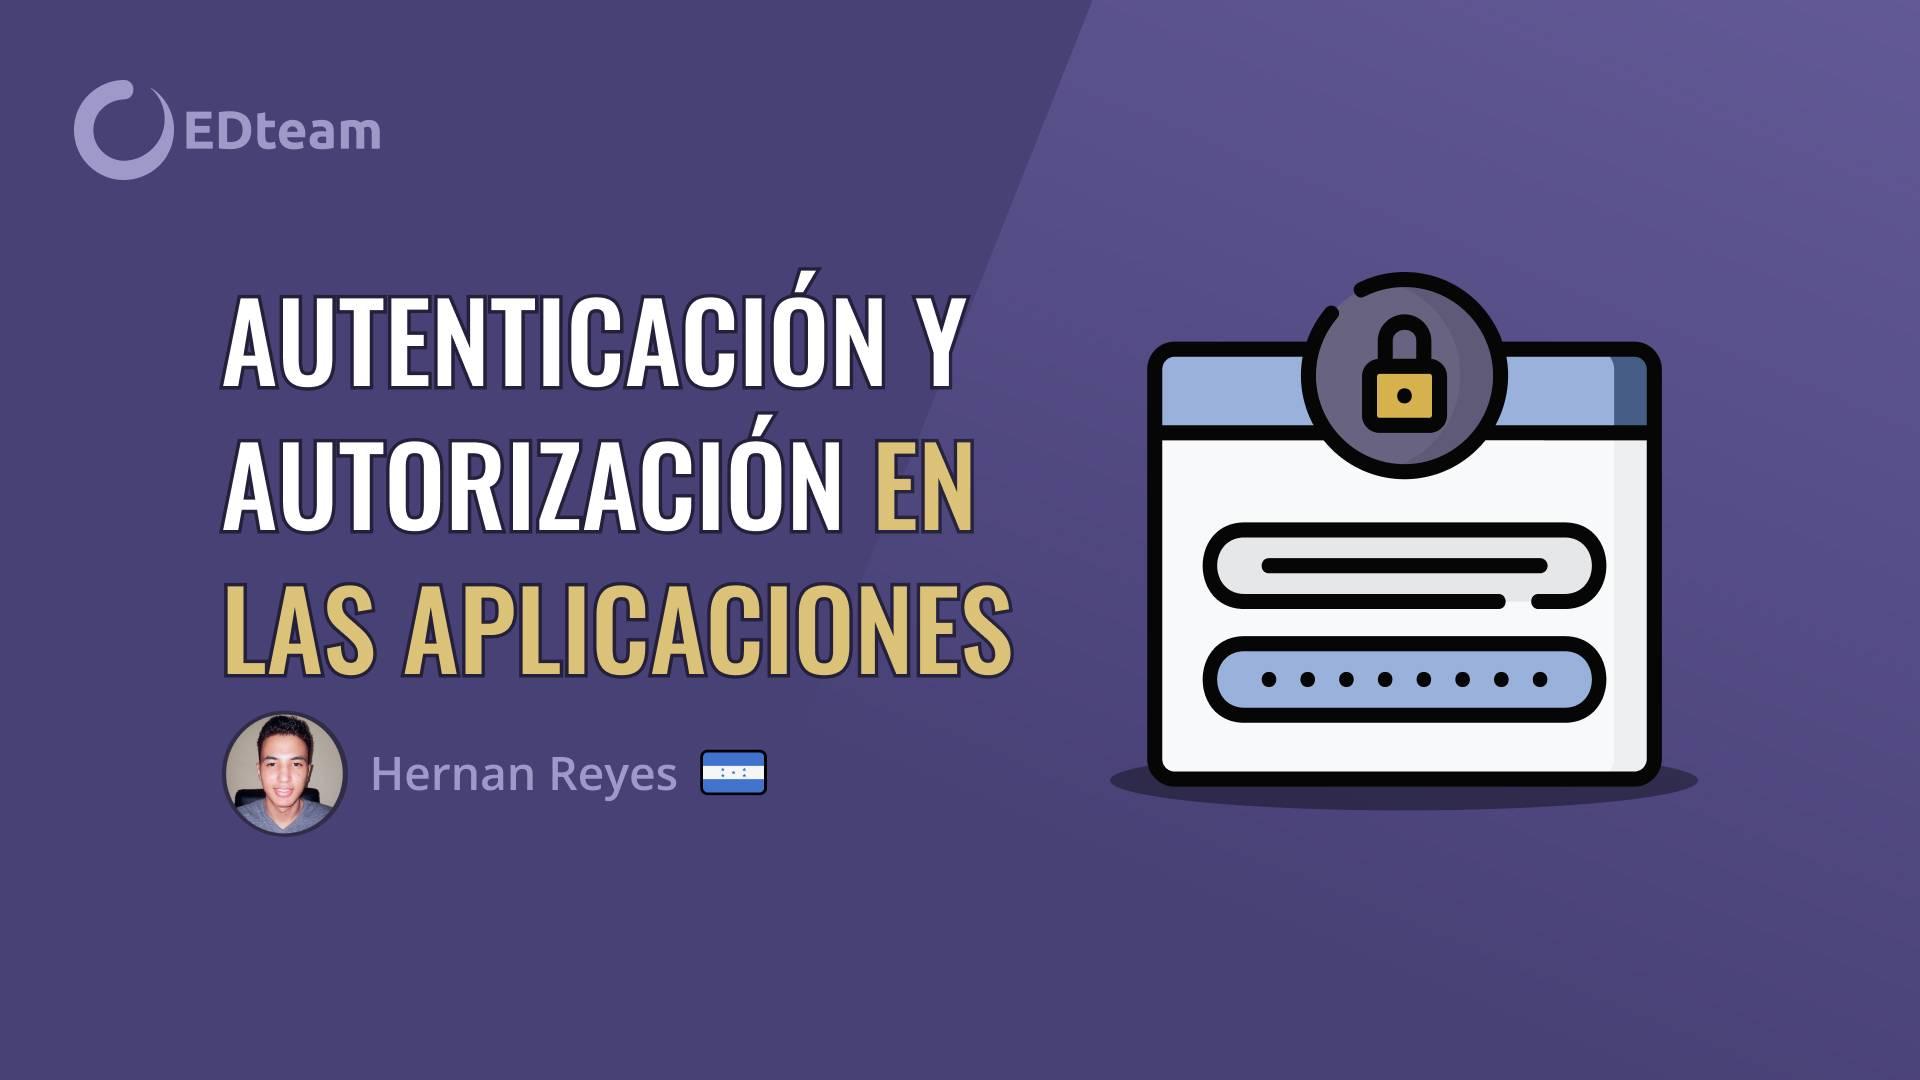 Autenticación y Autorización en las aplicaciones